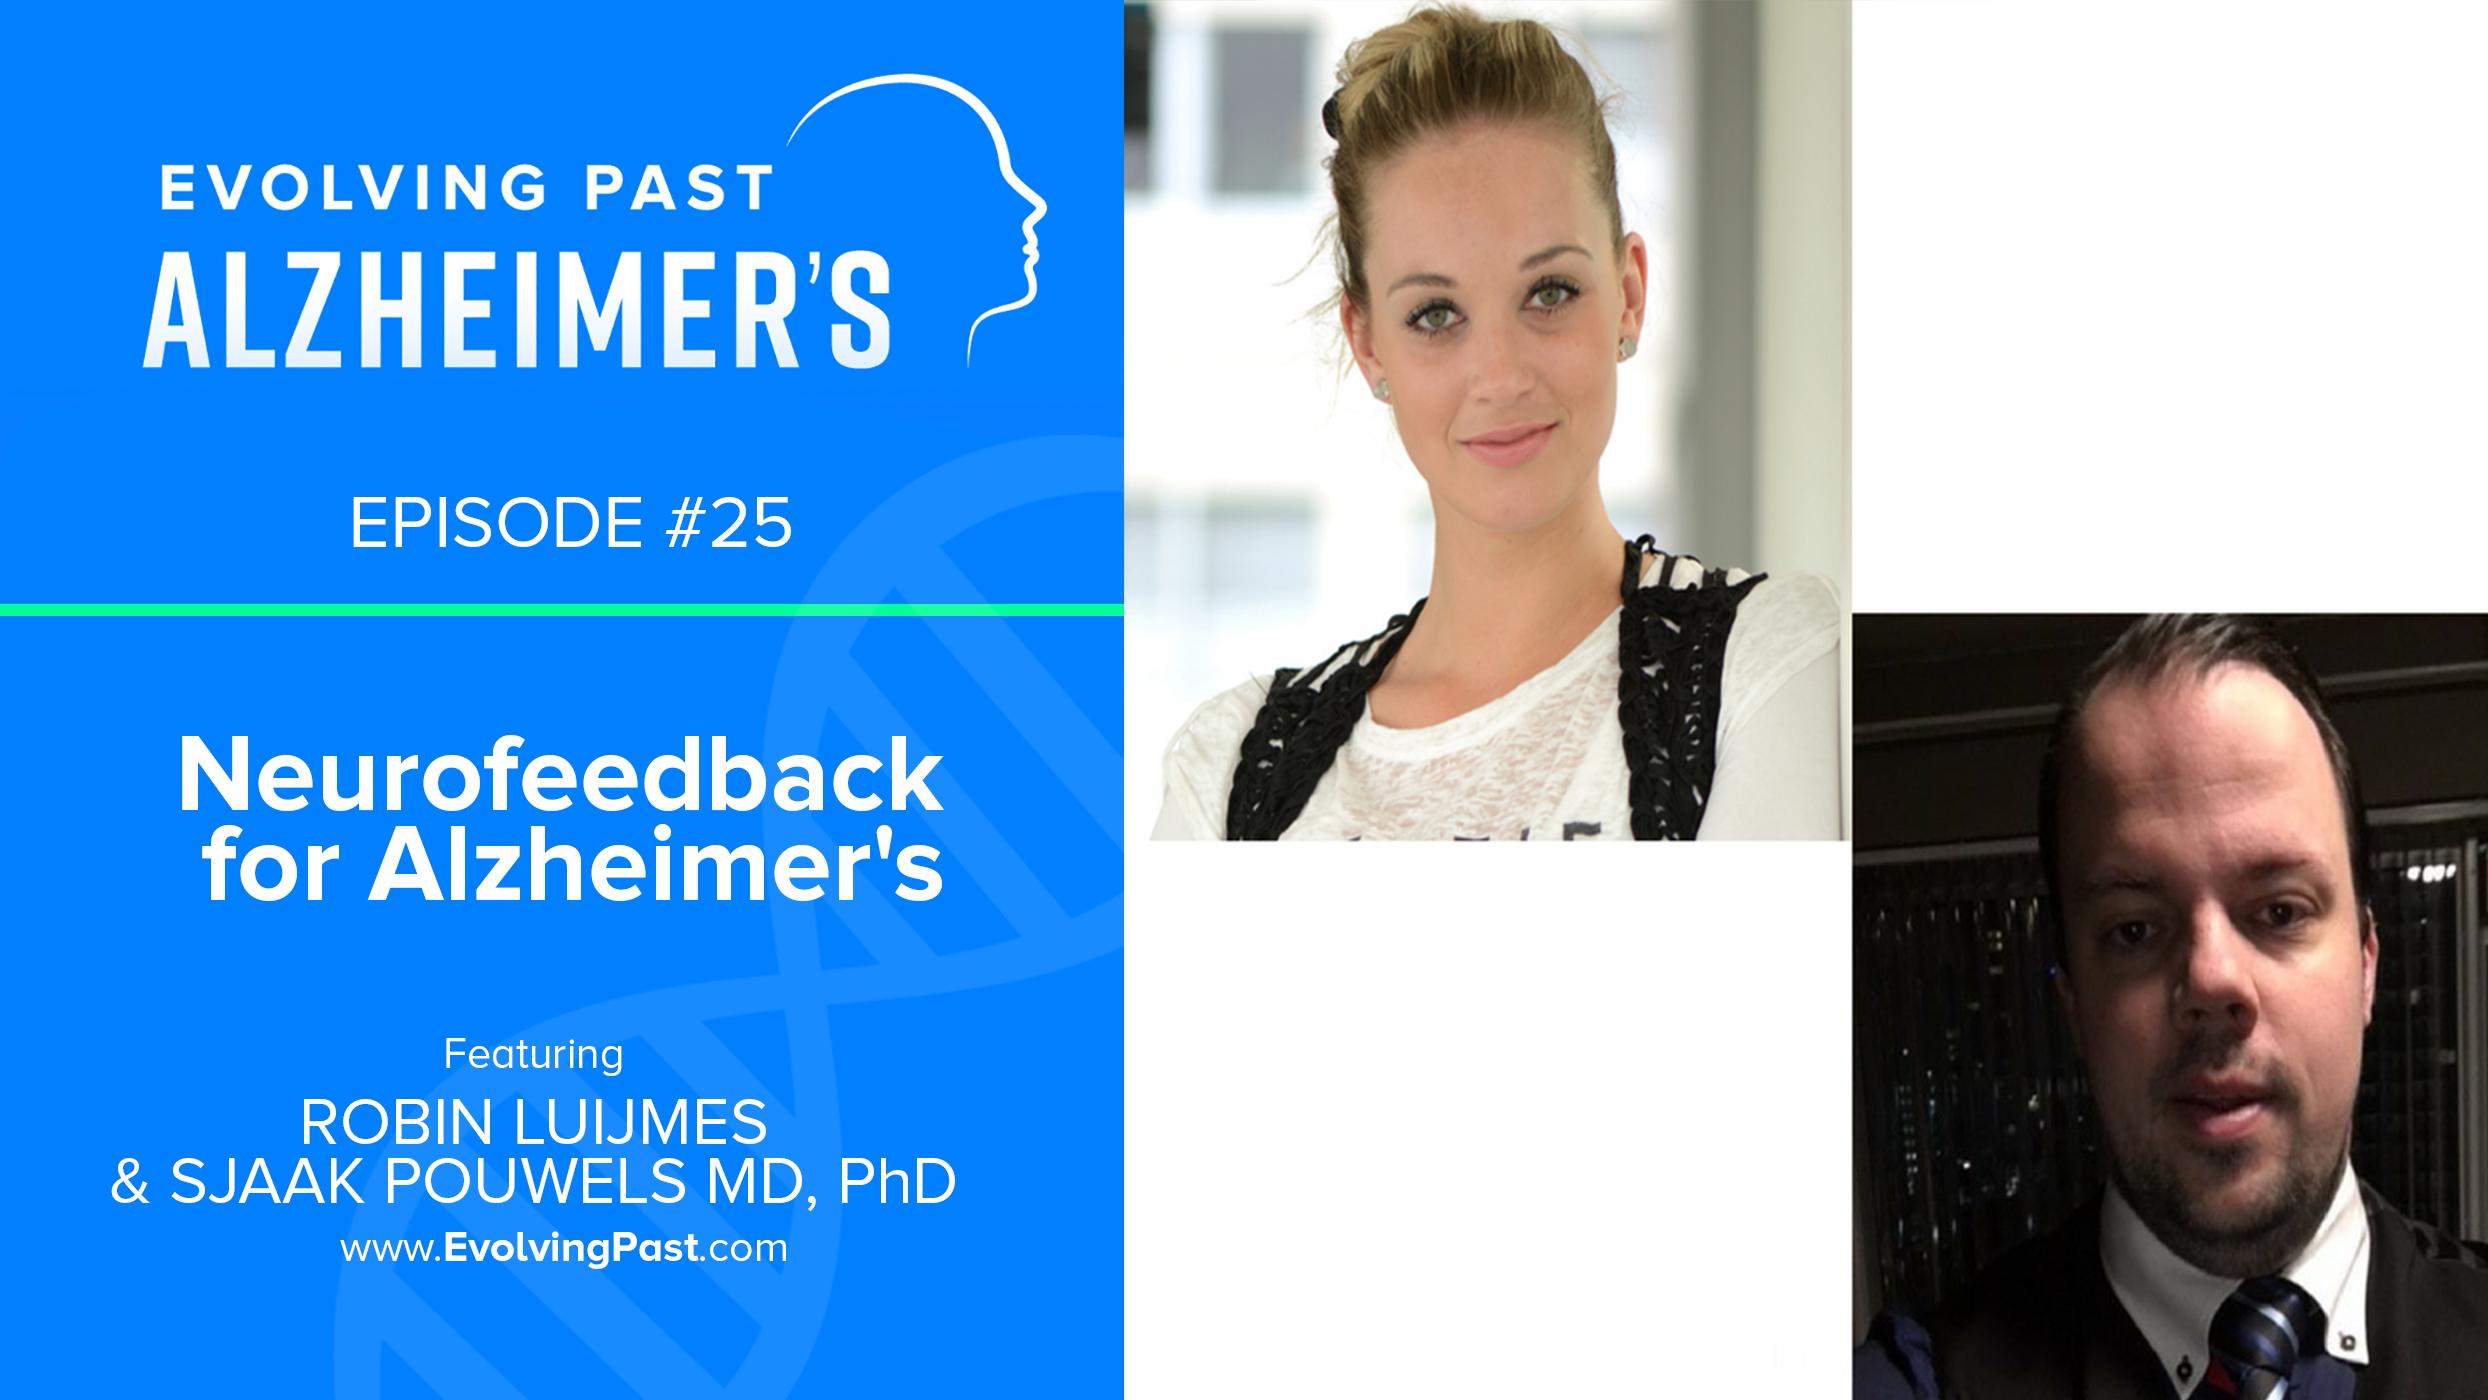 Evolving Past Alzheimer's - Episode 25